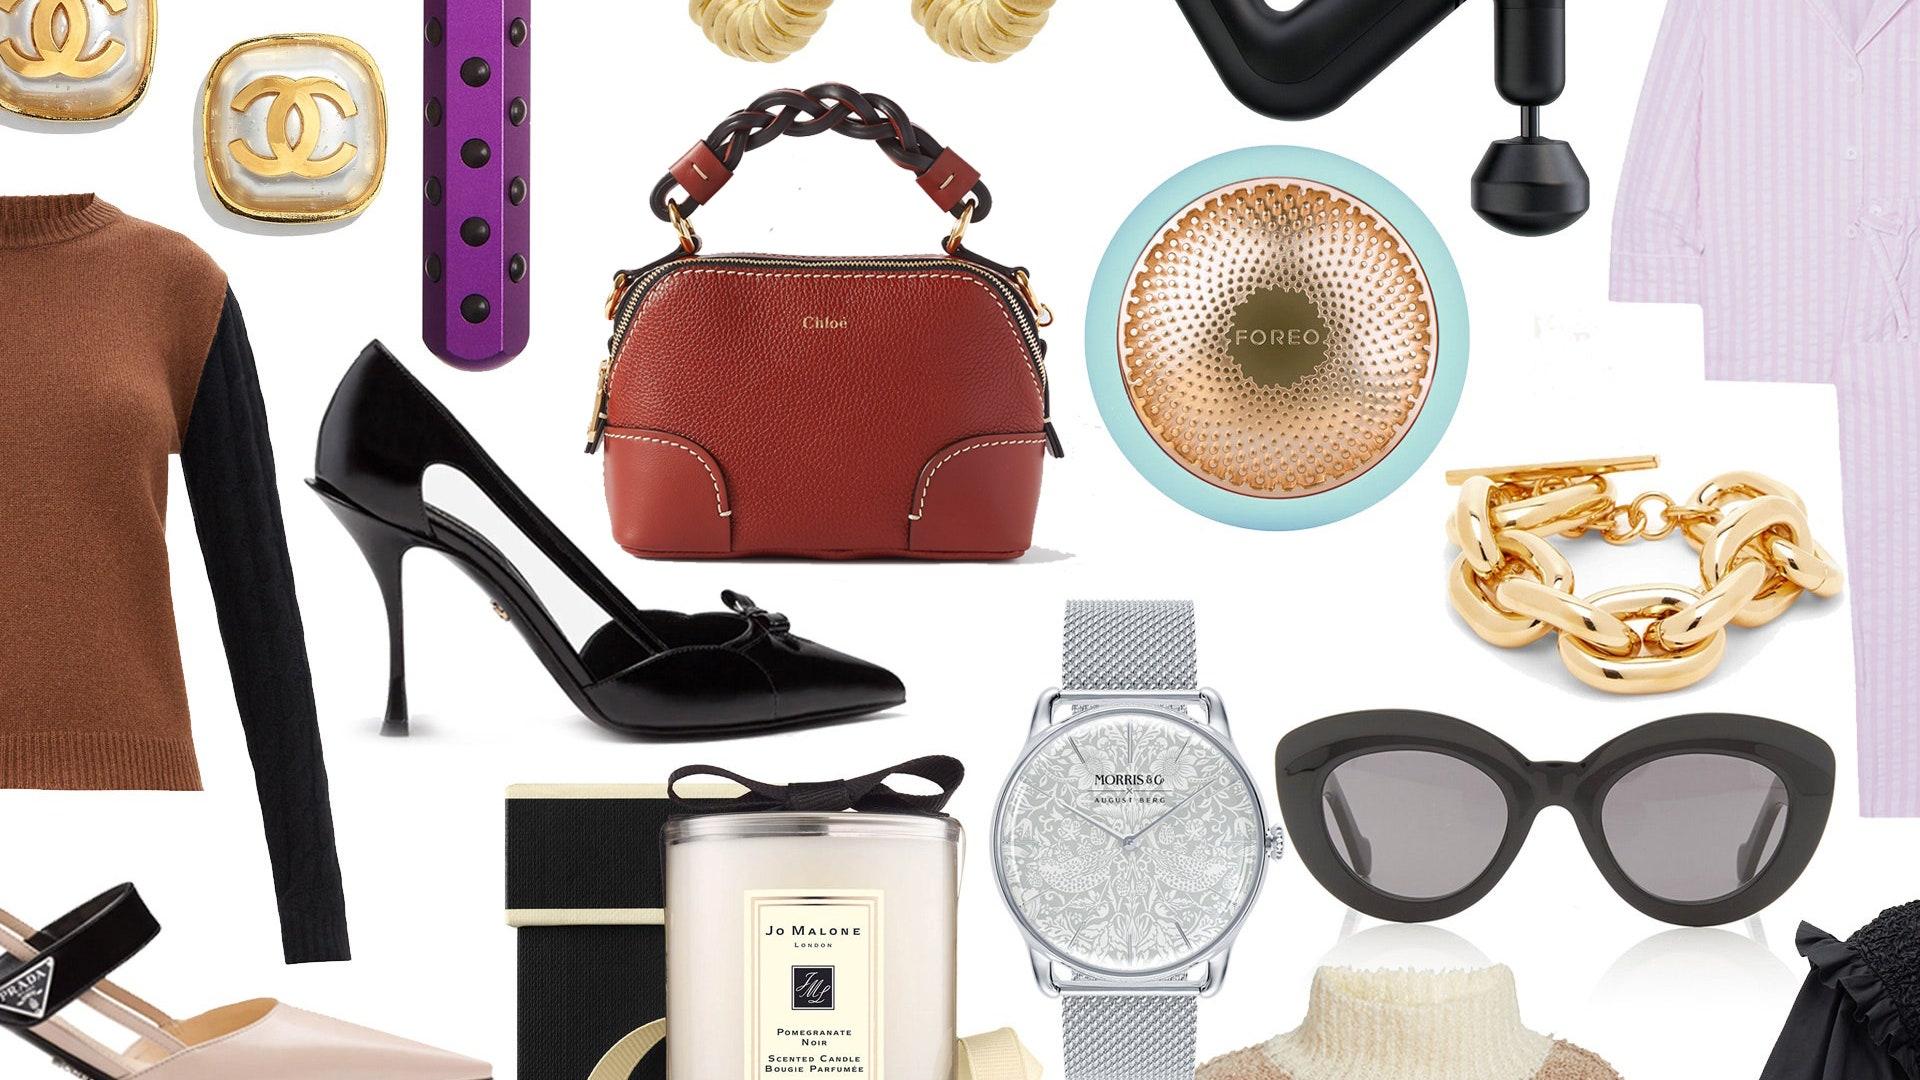 قائمة بأفضل الهدايا النسائية بمناسبة رأس السنة الجديدة 2021